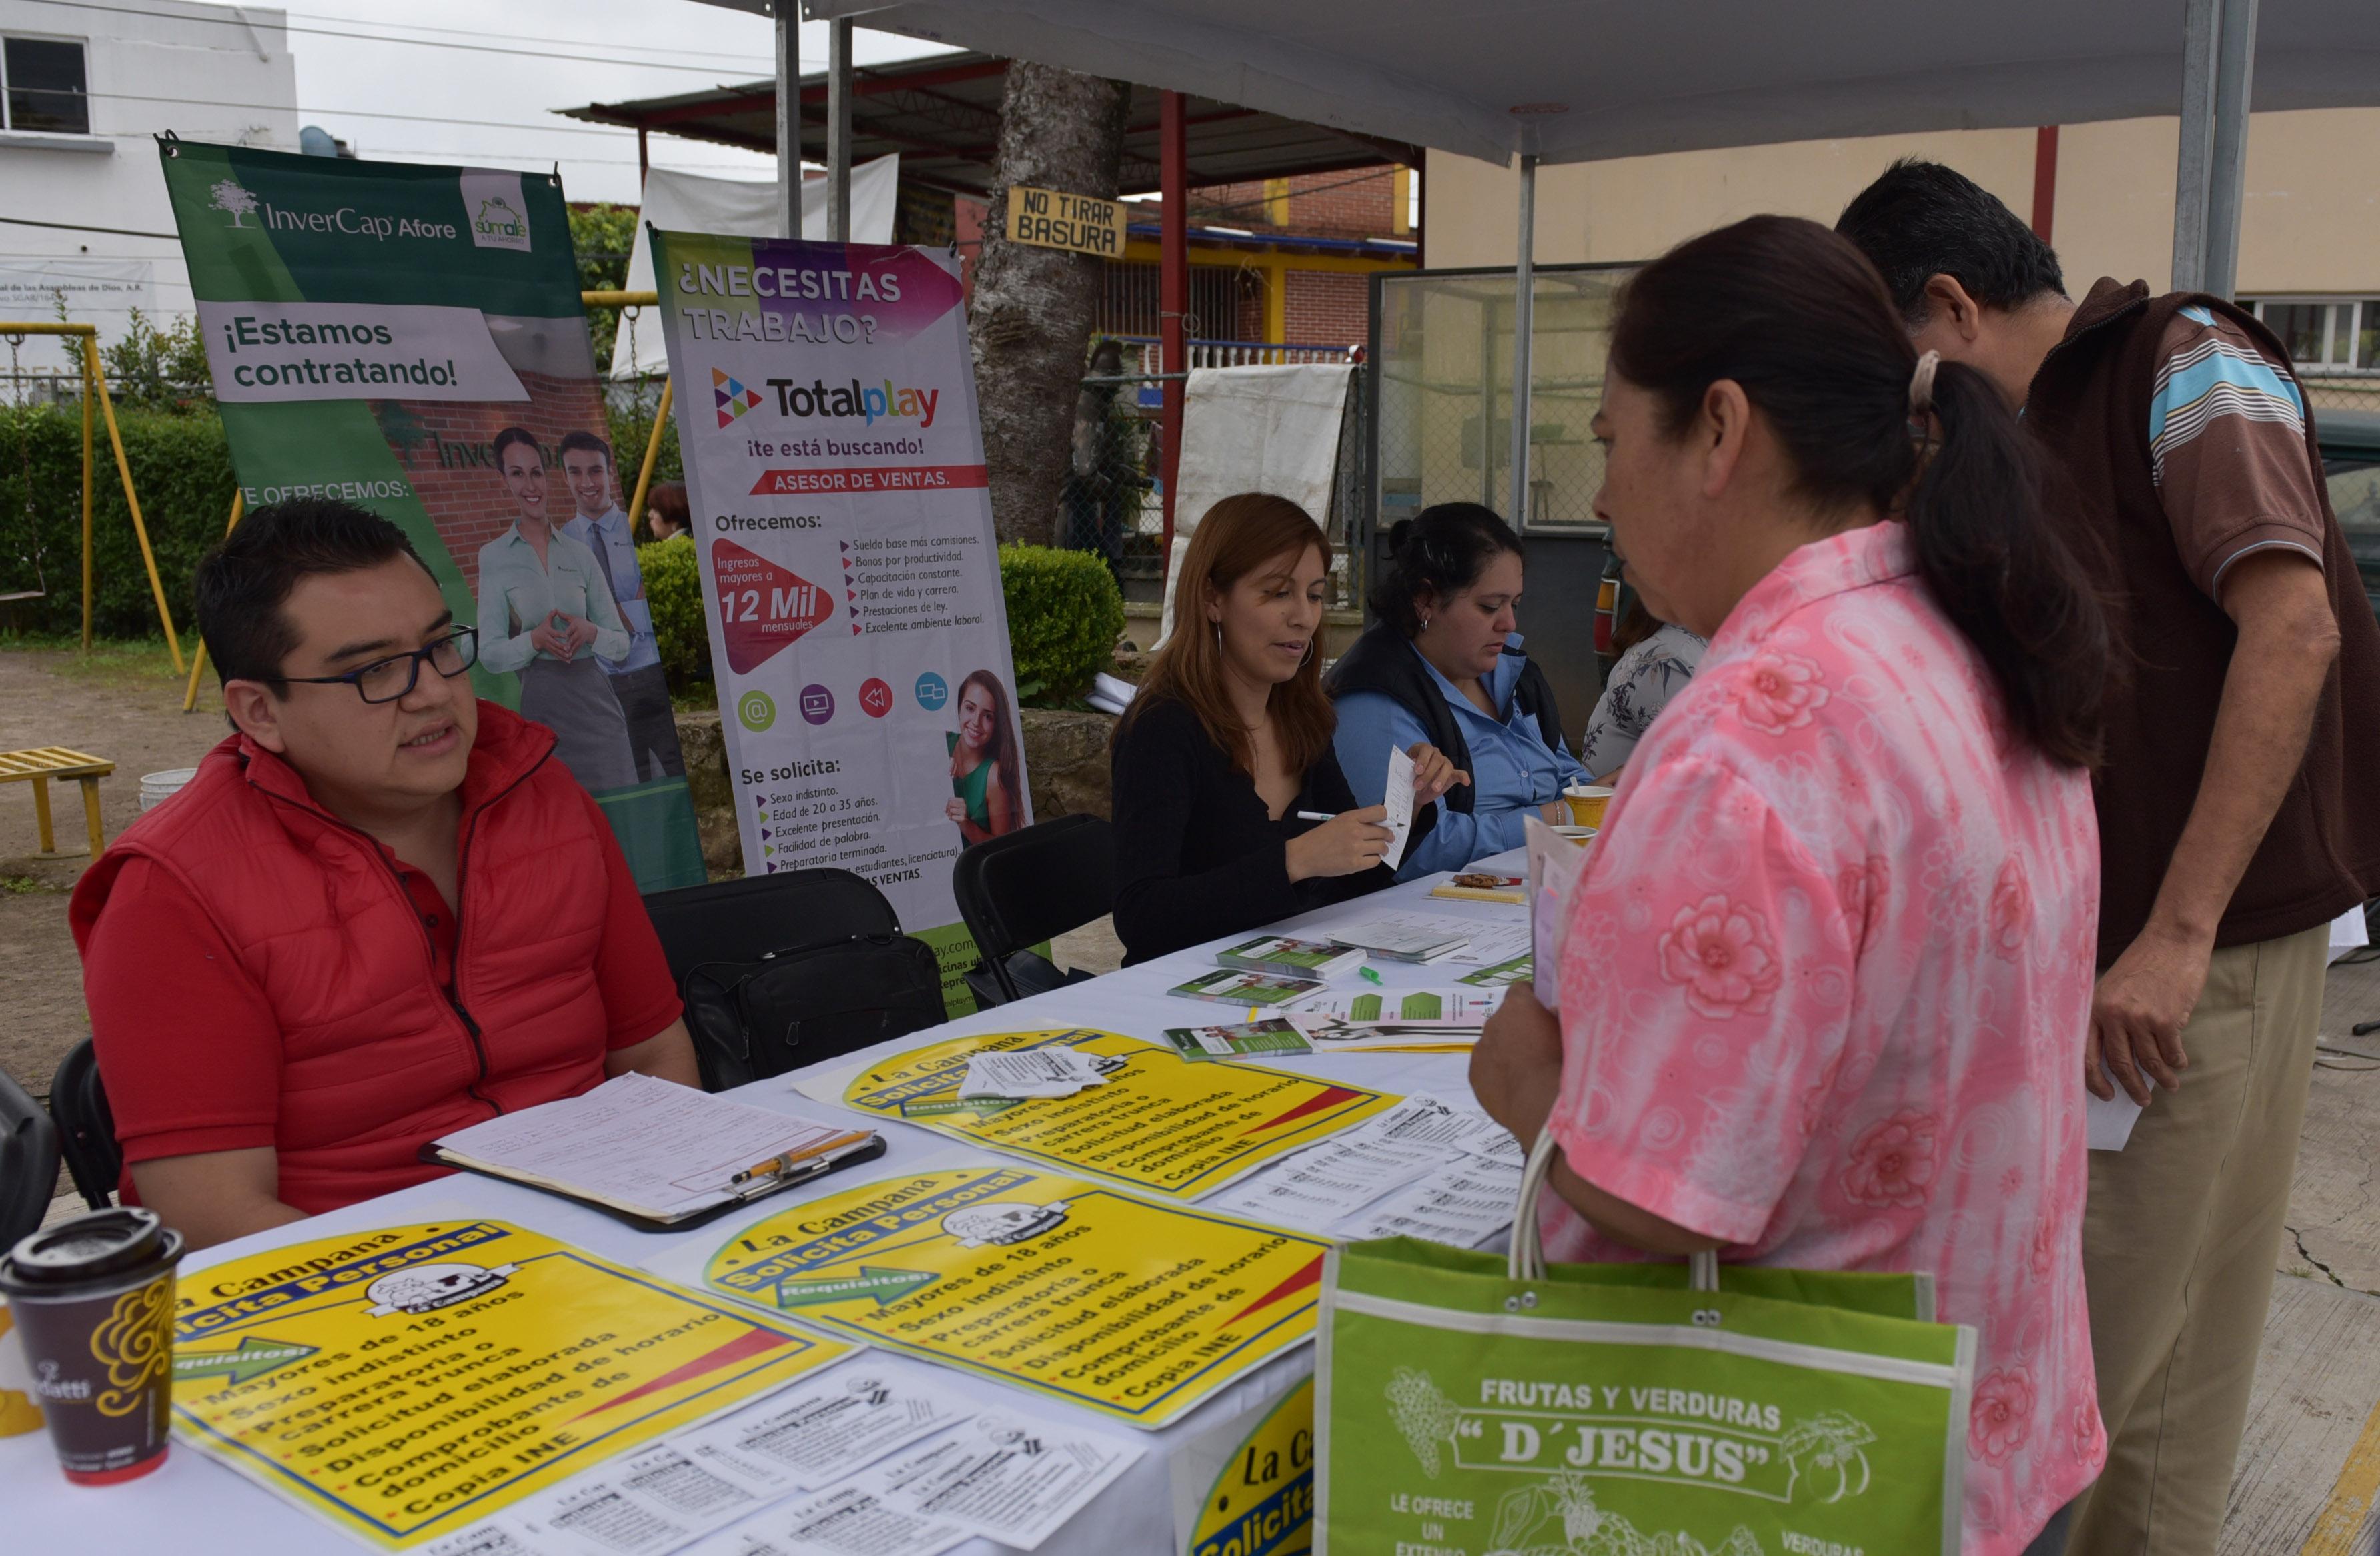 Realizarán Feria del Empleo en Minatitlán por el Día de la Mujer